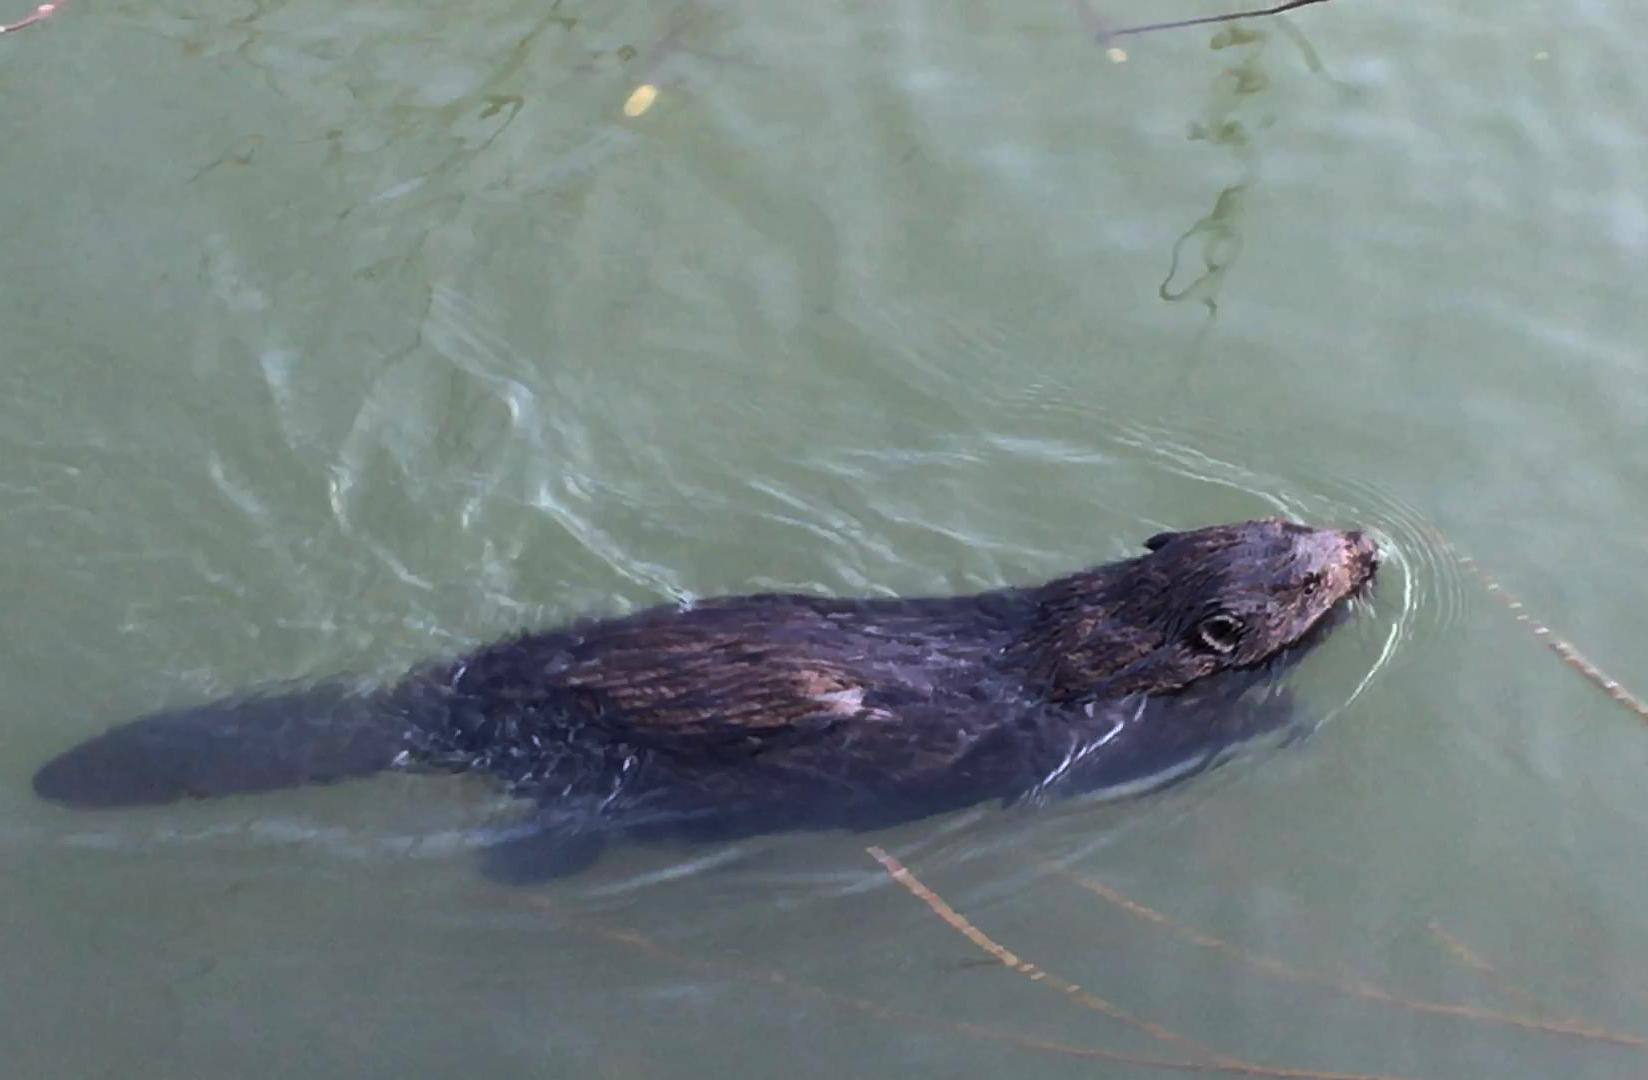 Рыбалка лещ бобры май речной пейзаж юрмала лиелупе пейзажи природы Альберт Сафиуллин